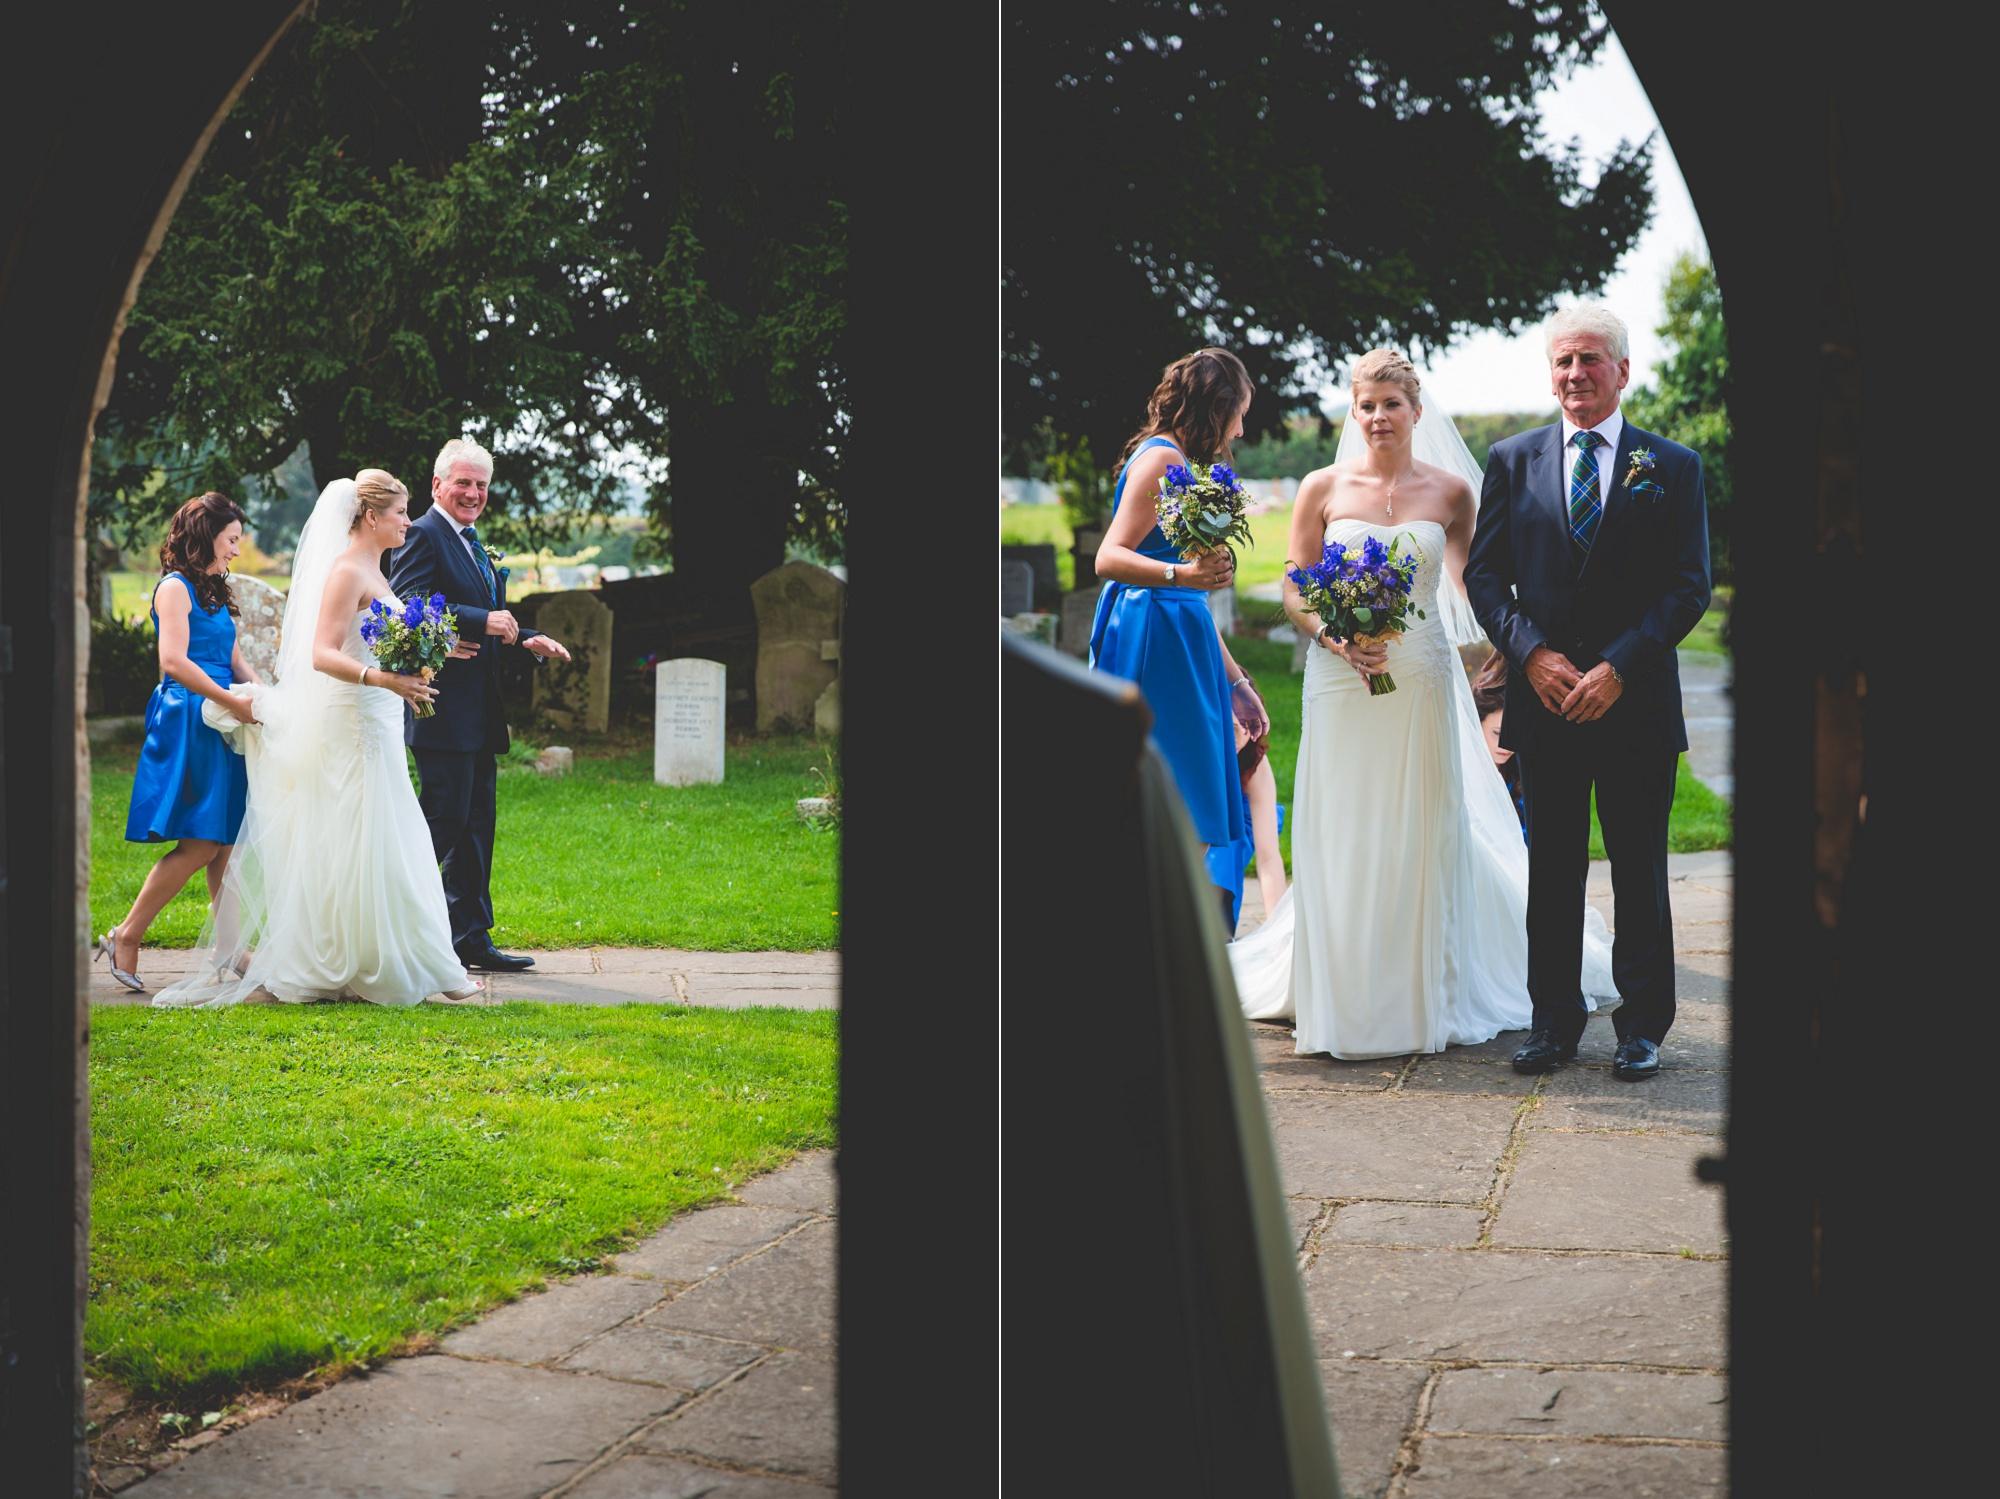 Wedding Photographer West Sussex - Farbridge Chichester